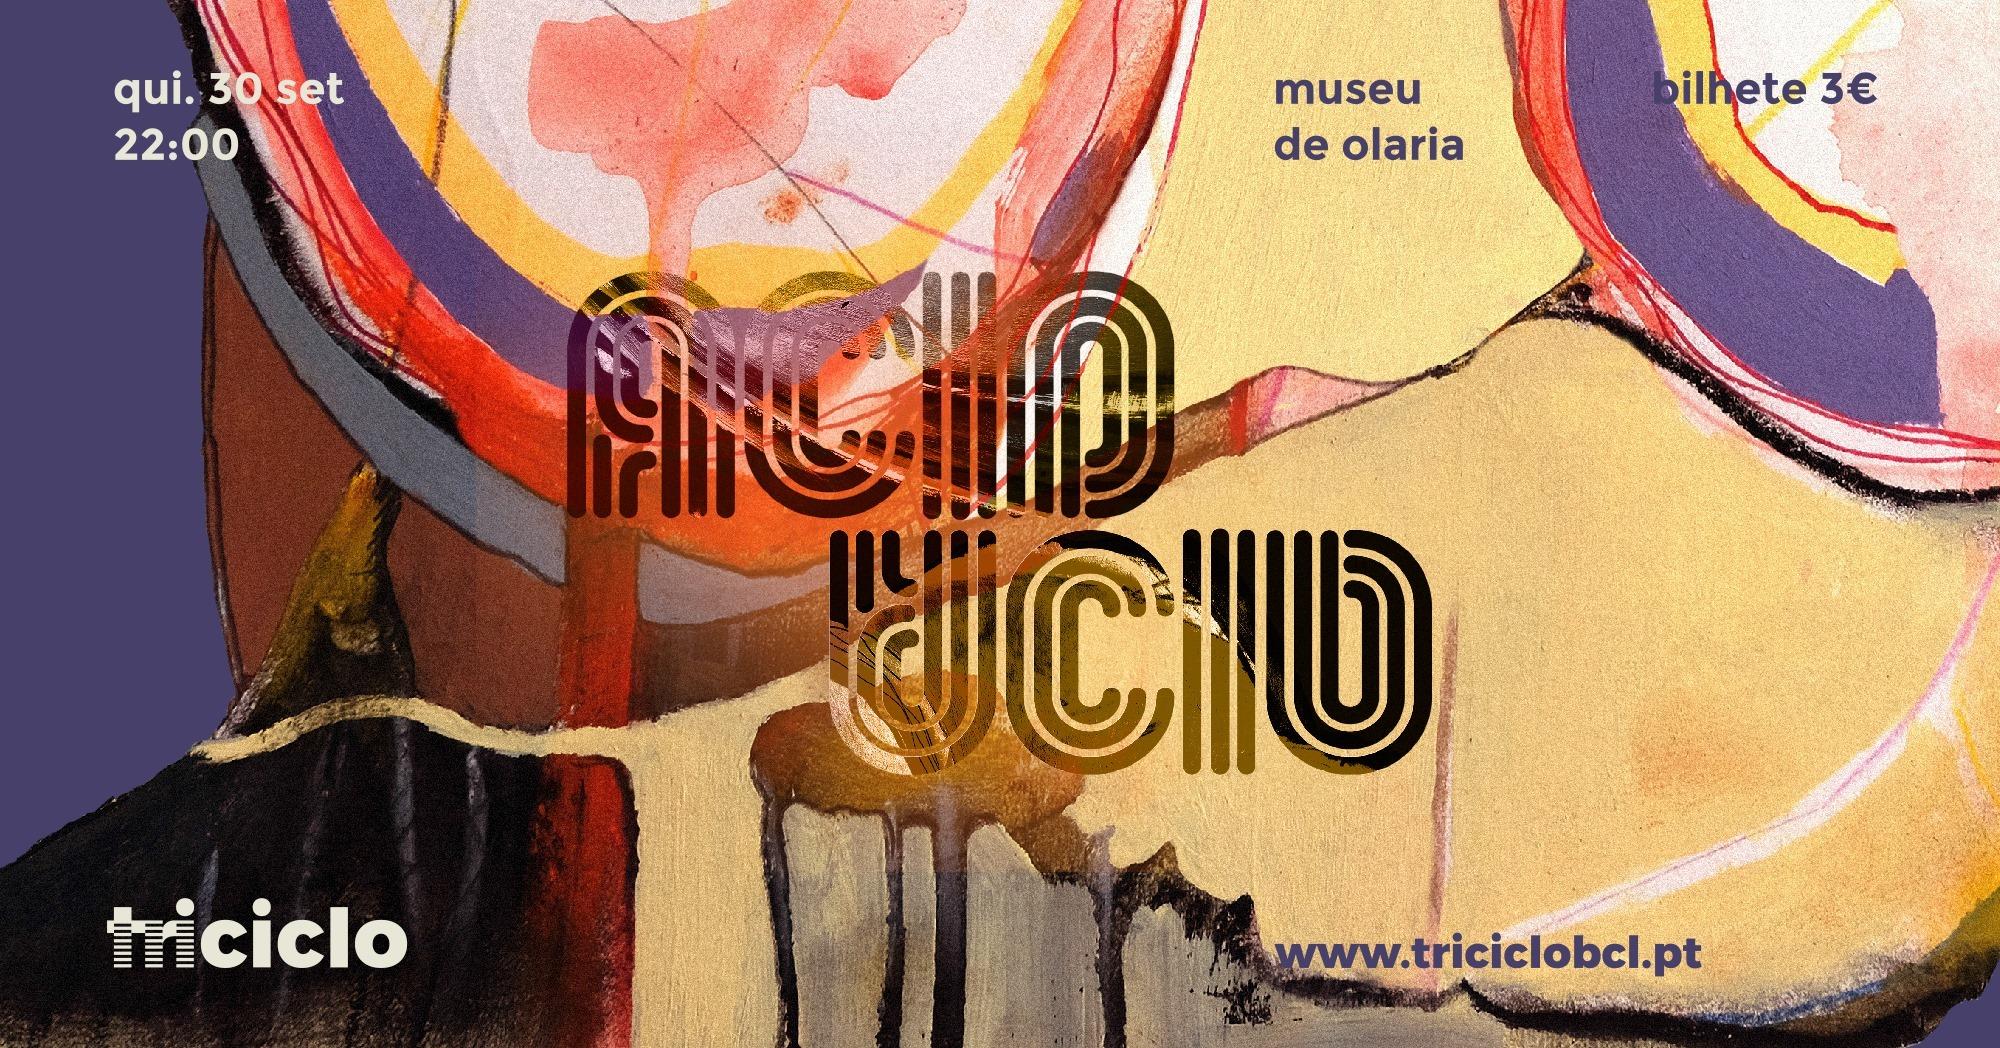 triciclo / acid acid no museu de olaria